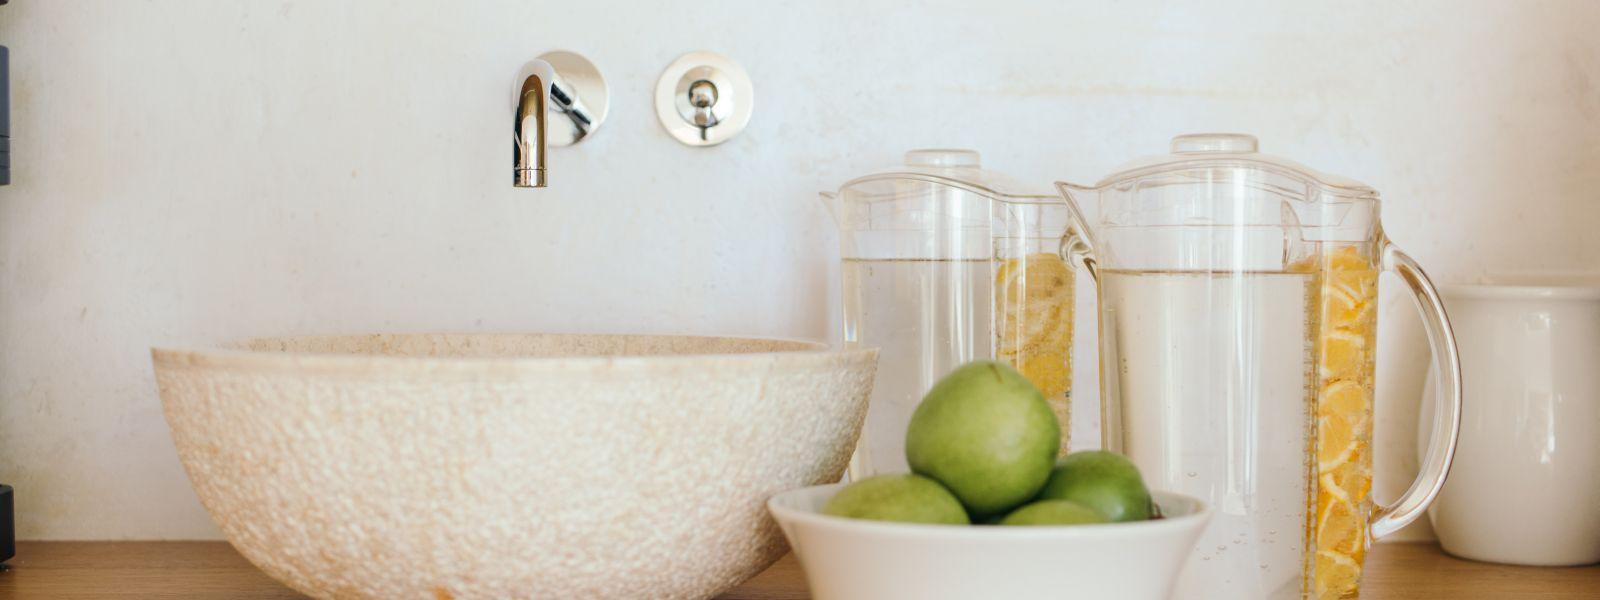 Zitronenwasser und Äpfel für die Basenfastenwoche im Jagdhaus Wiese